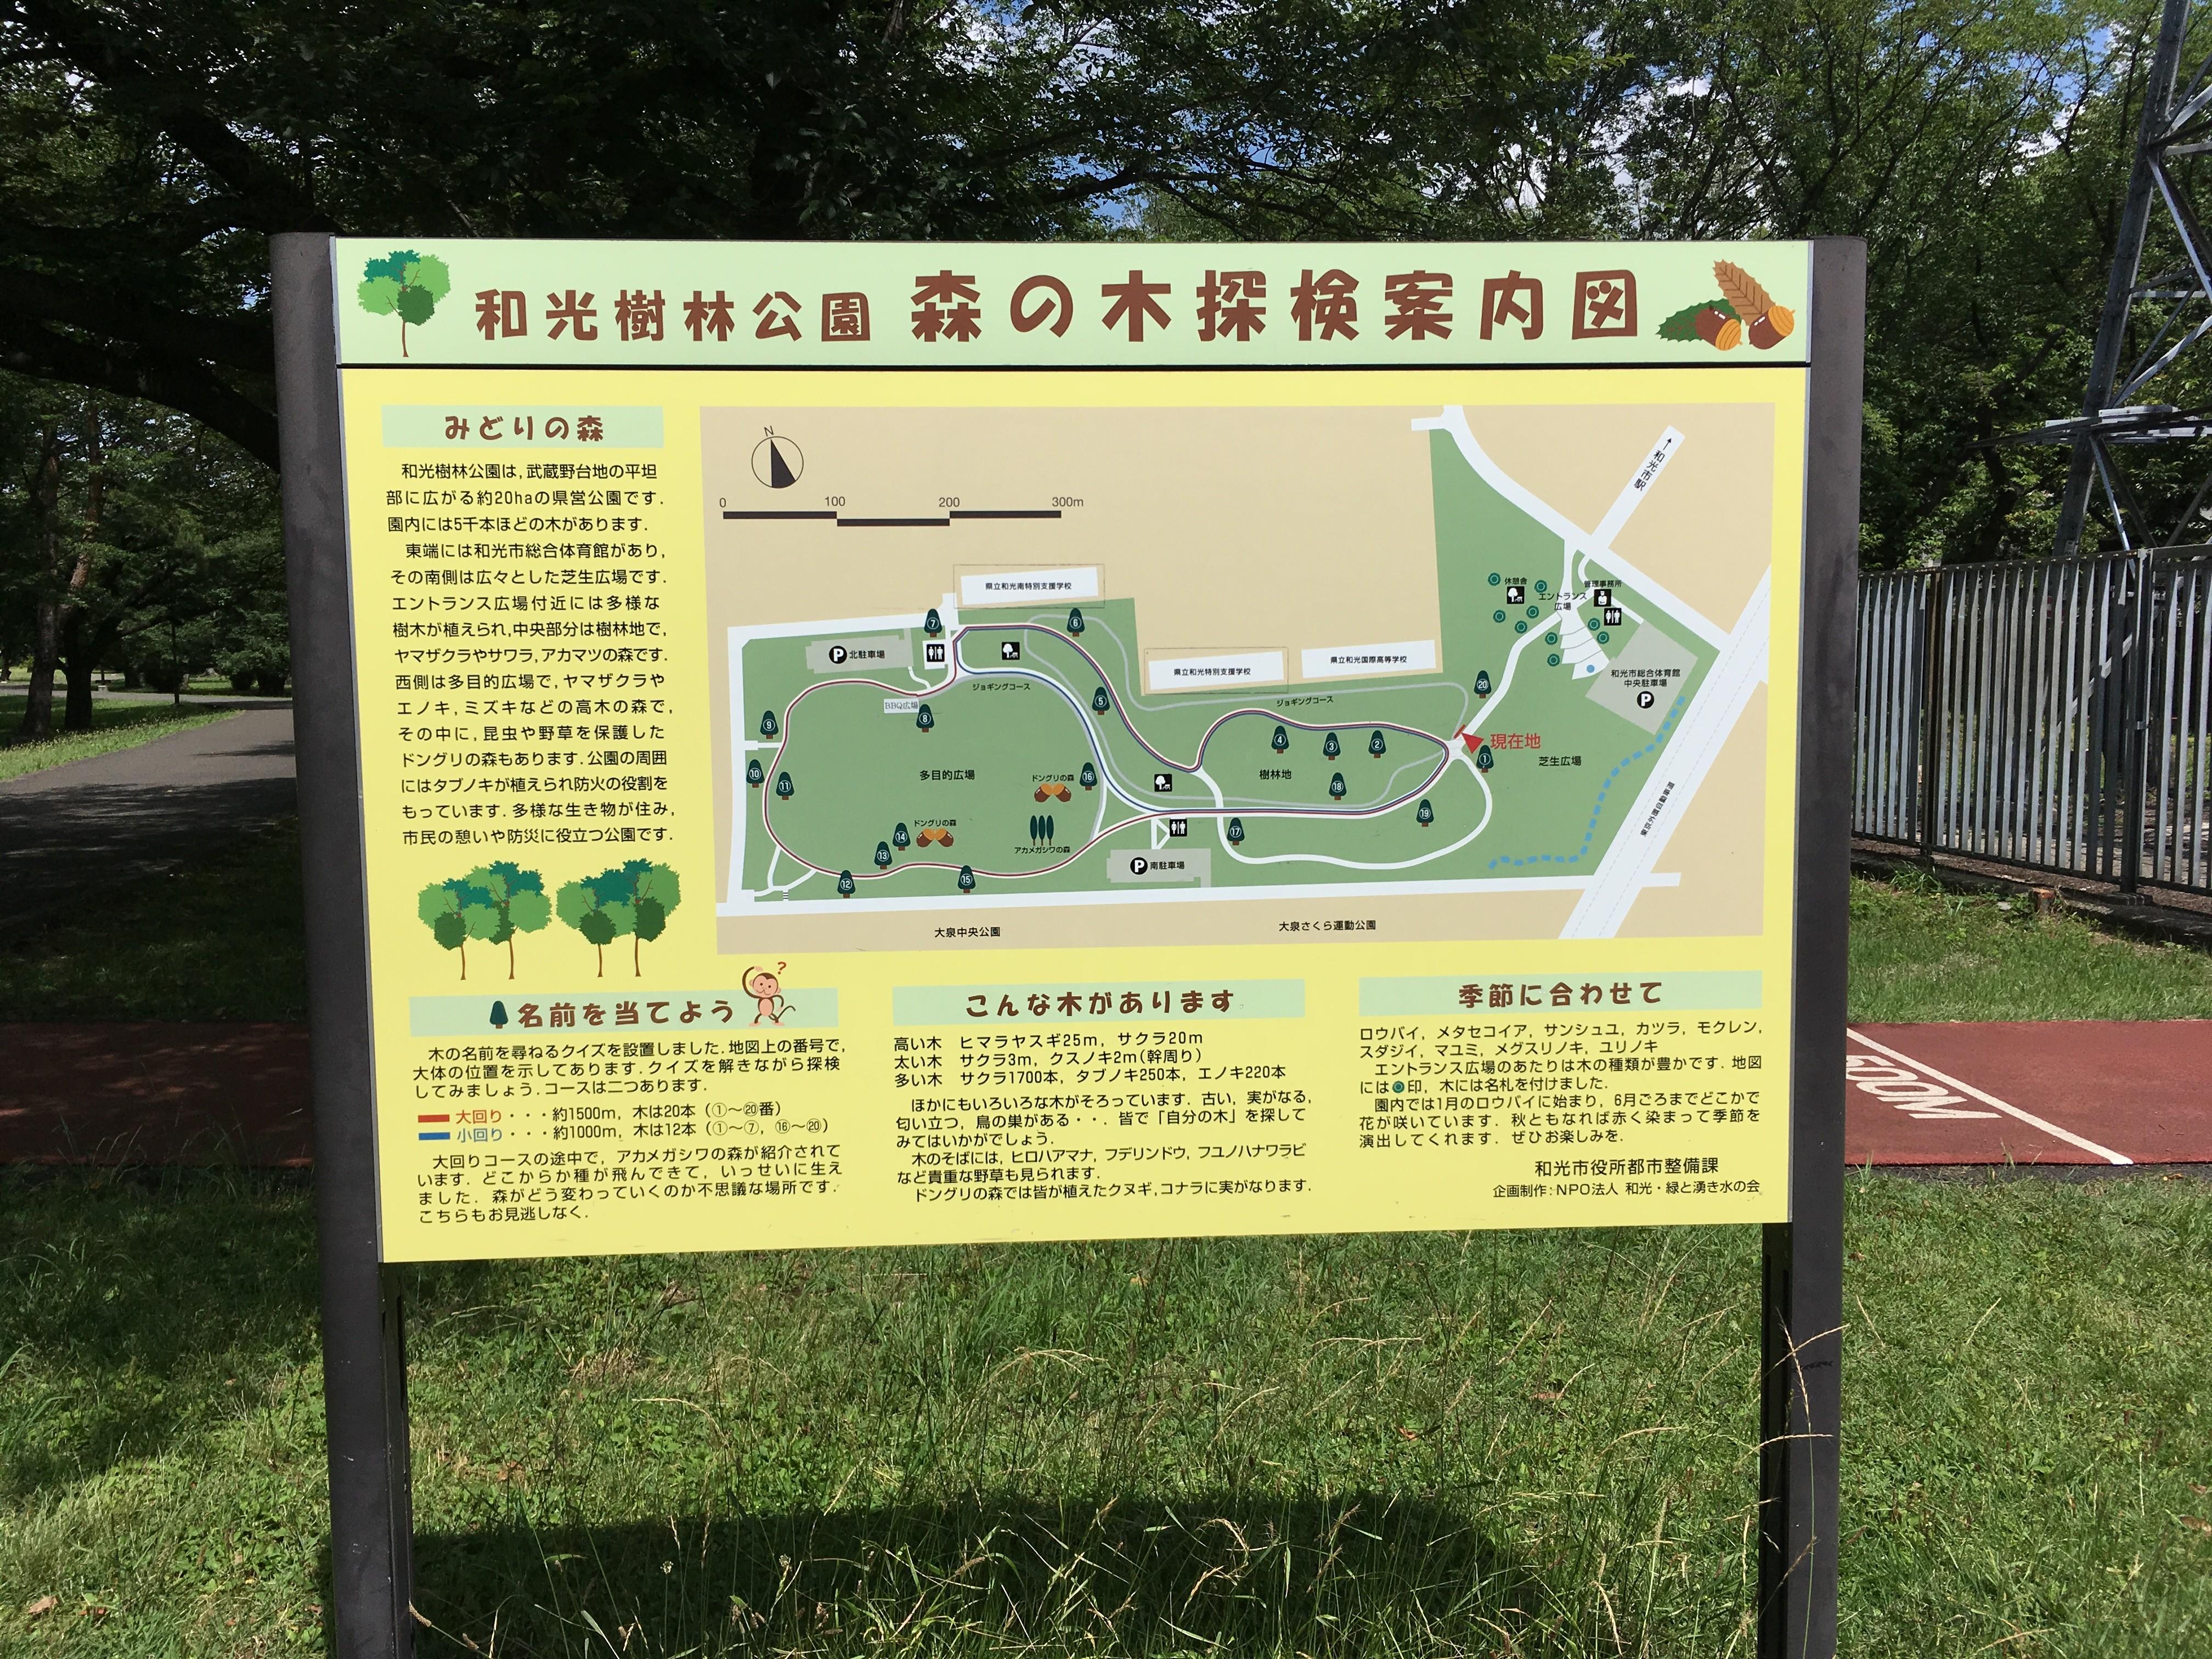 埼玉県営和光樹林公園森の木探検案内図